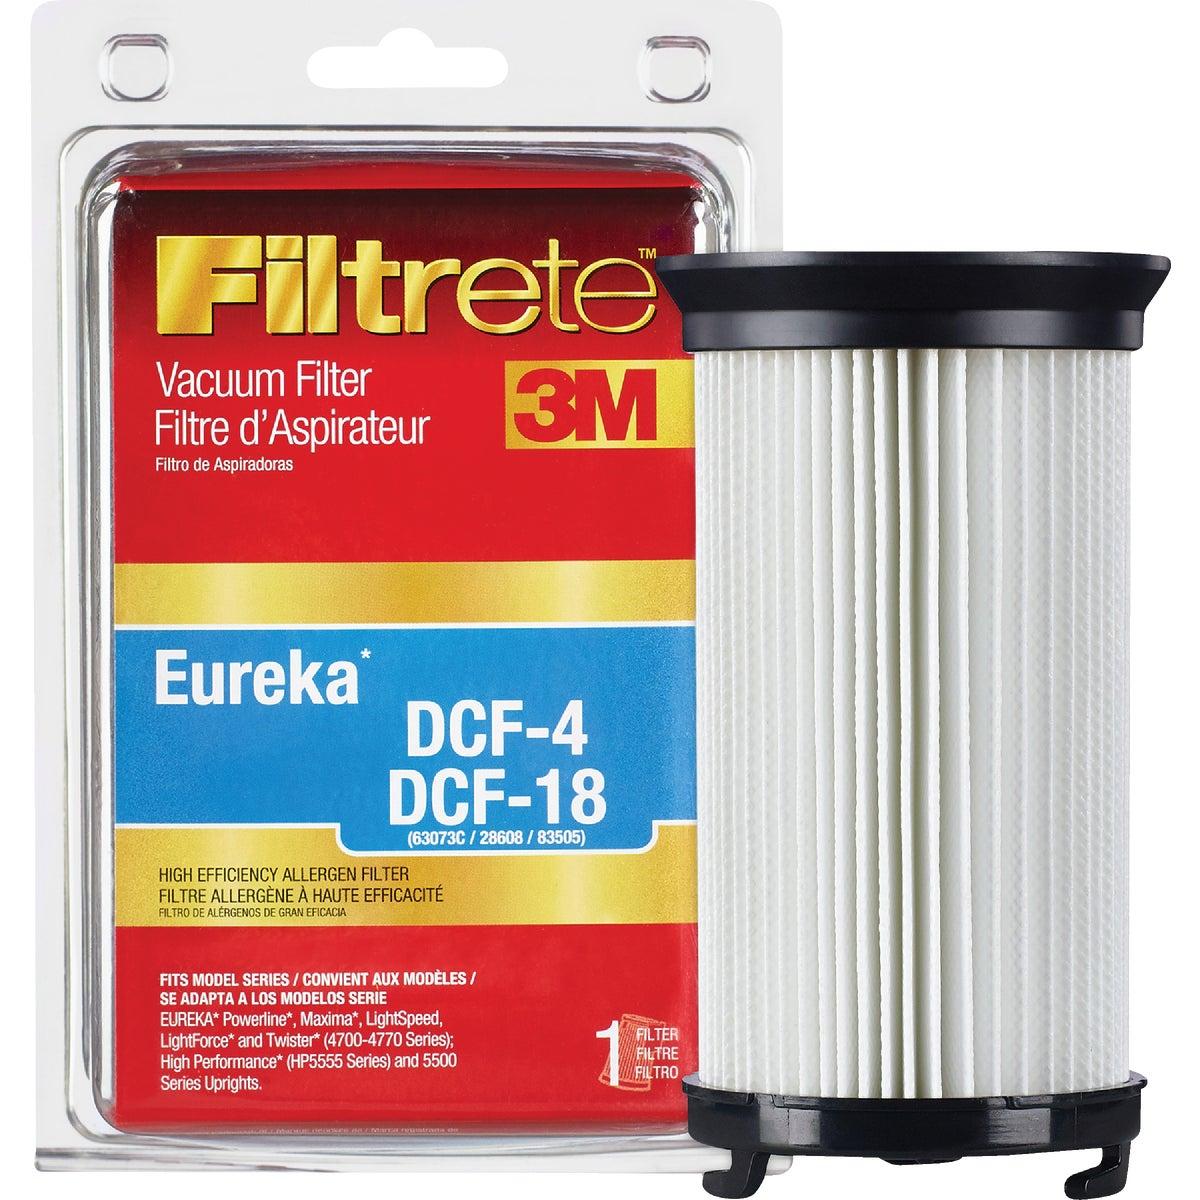 Eureka DCF-4 and DCF-18 HEPA Filter, 67814C-2